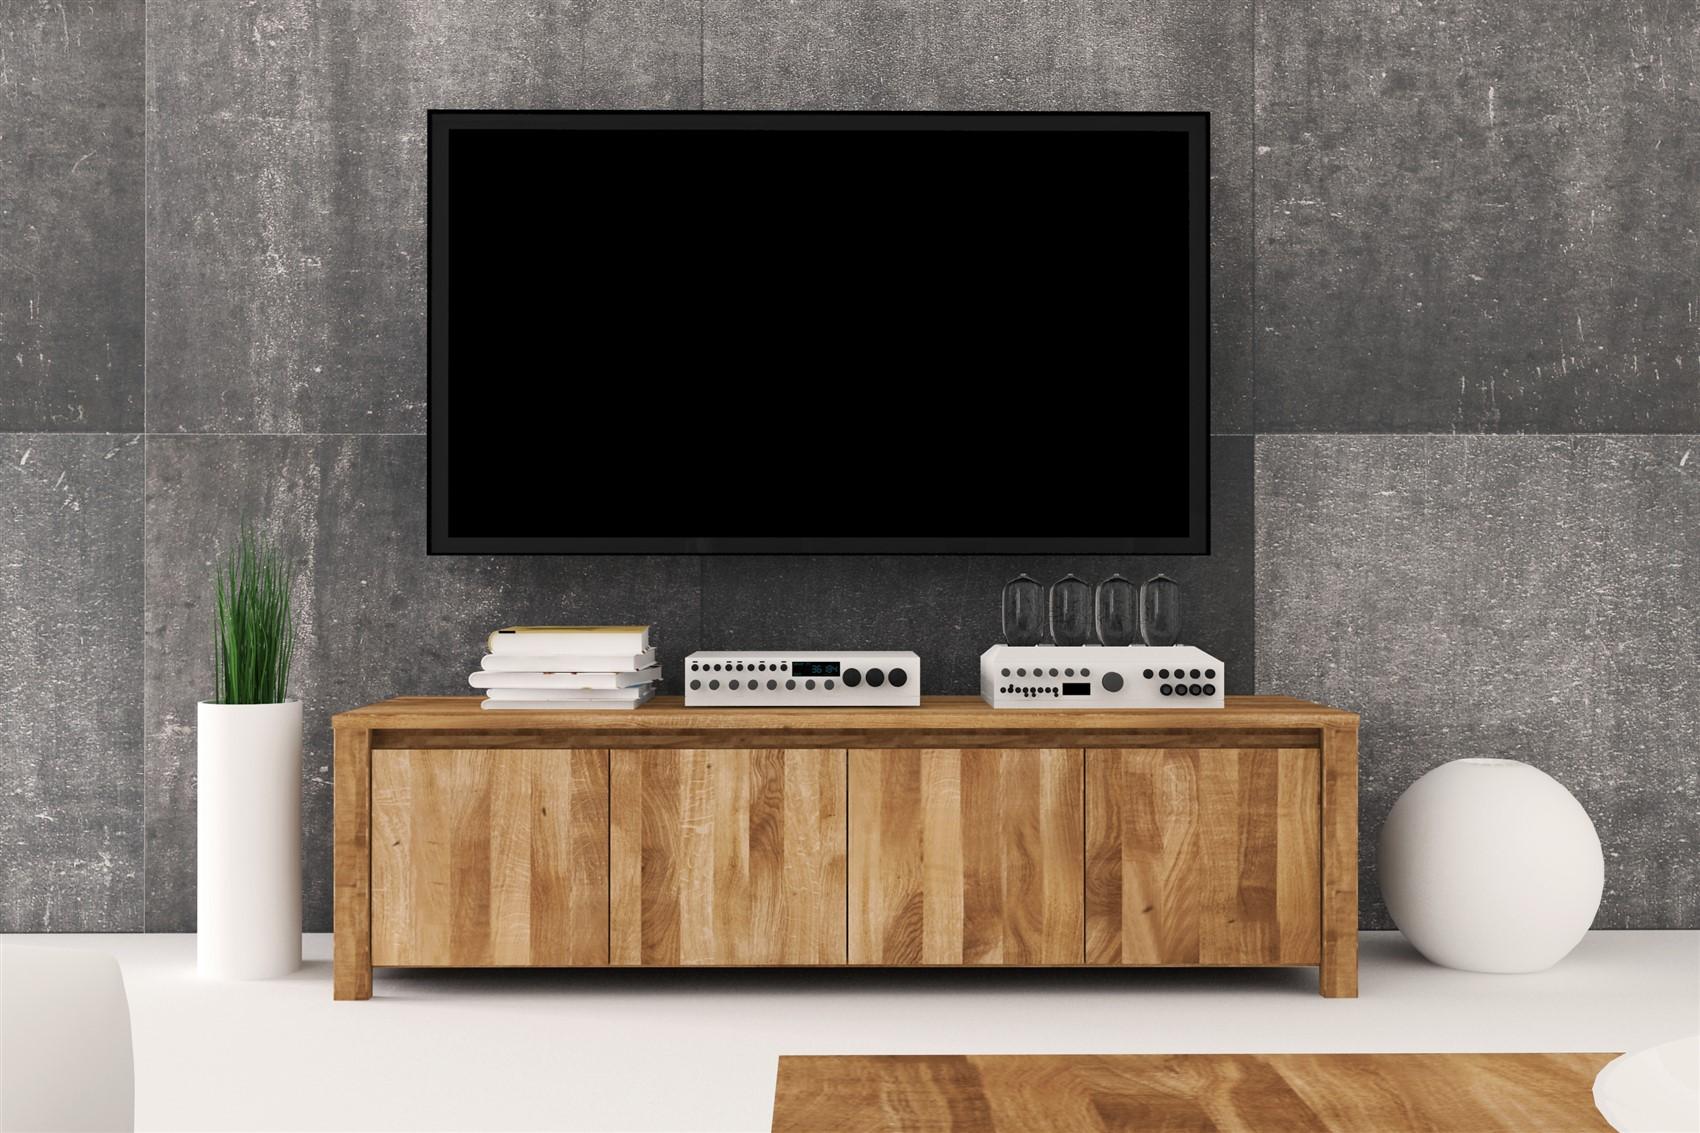 Lowboard Tv Schrank Maison Wildeiche Massiv Geolt 150x43x45 Cm